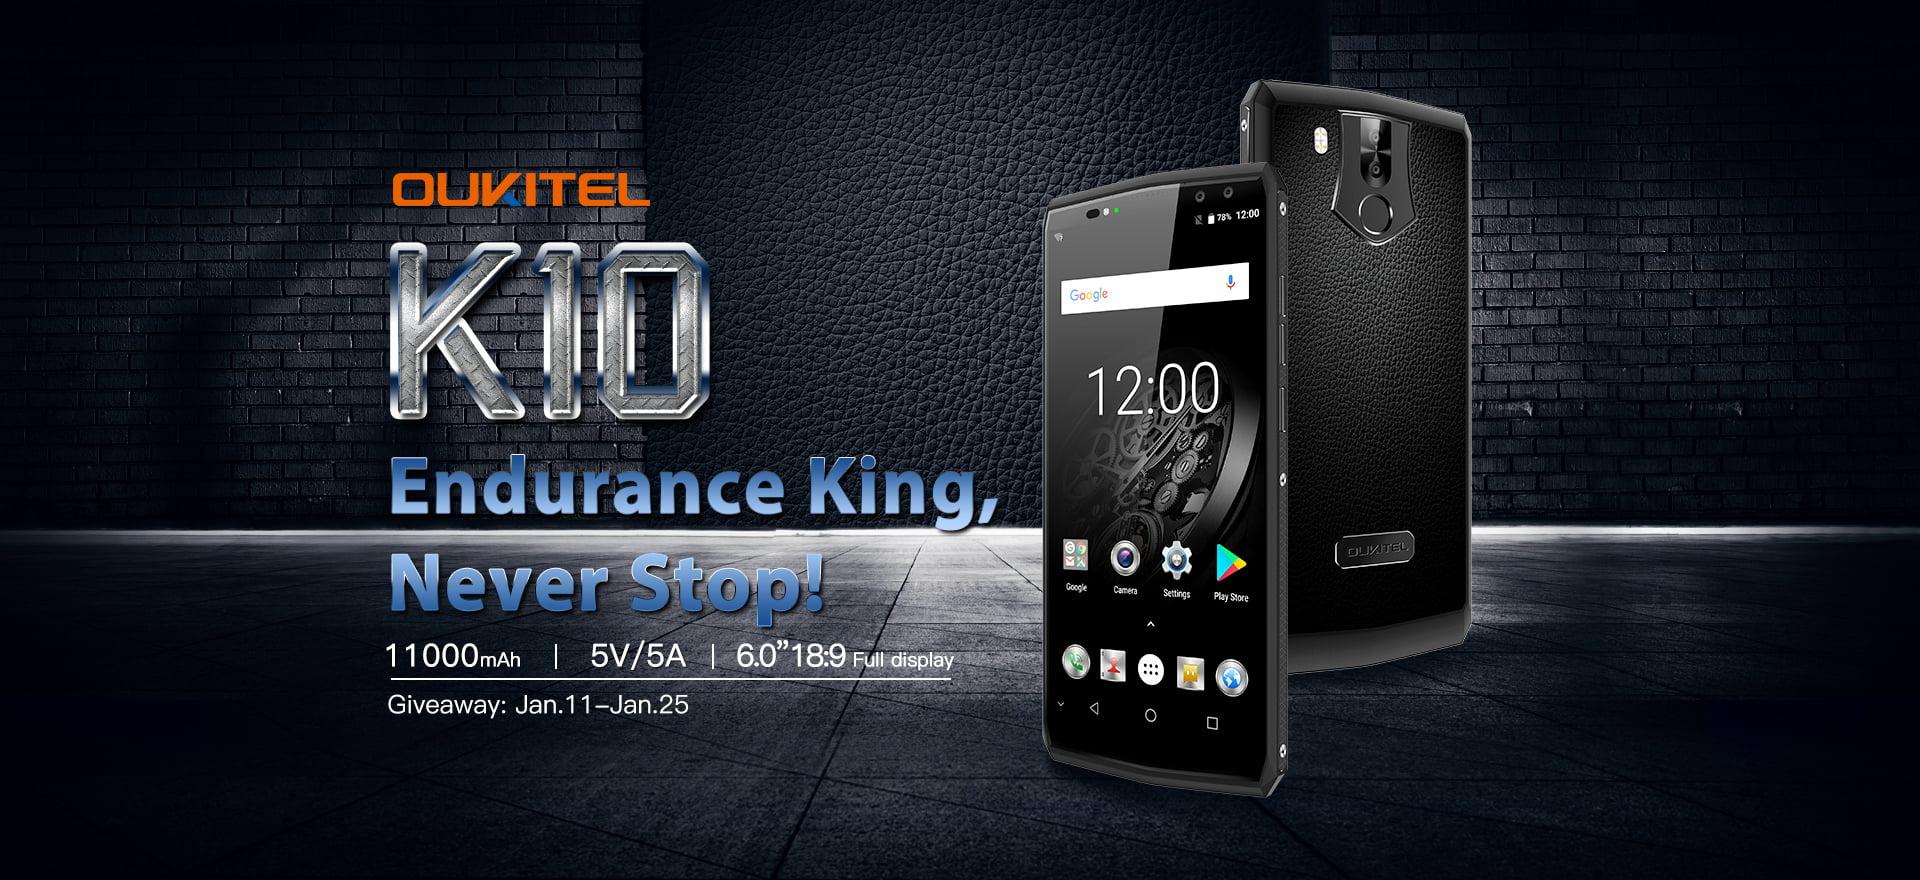 Tabletowo.pl Oukitel K10 z baterią 11000 mAh niebawem w przedsprzedaży. Z tej okazji: giveaway i kupon zniżkowy Chińskie Smartfony